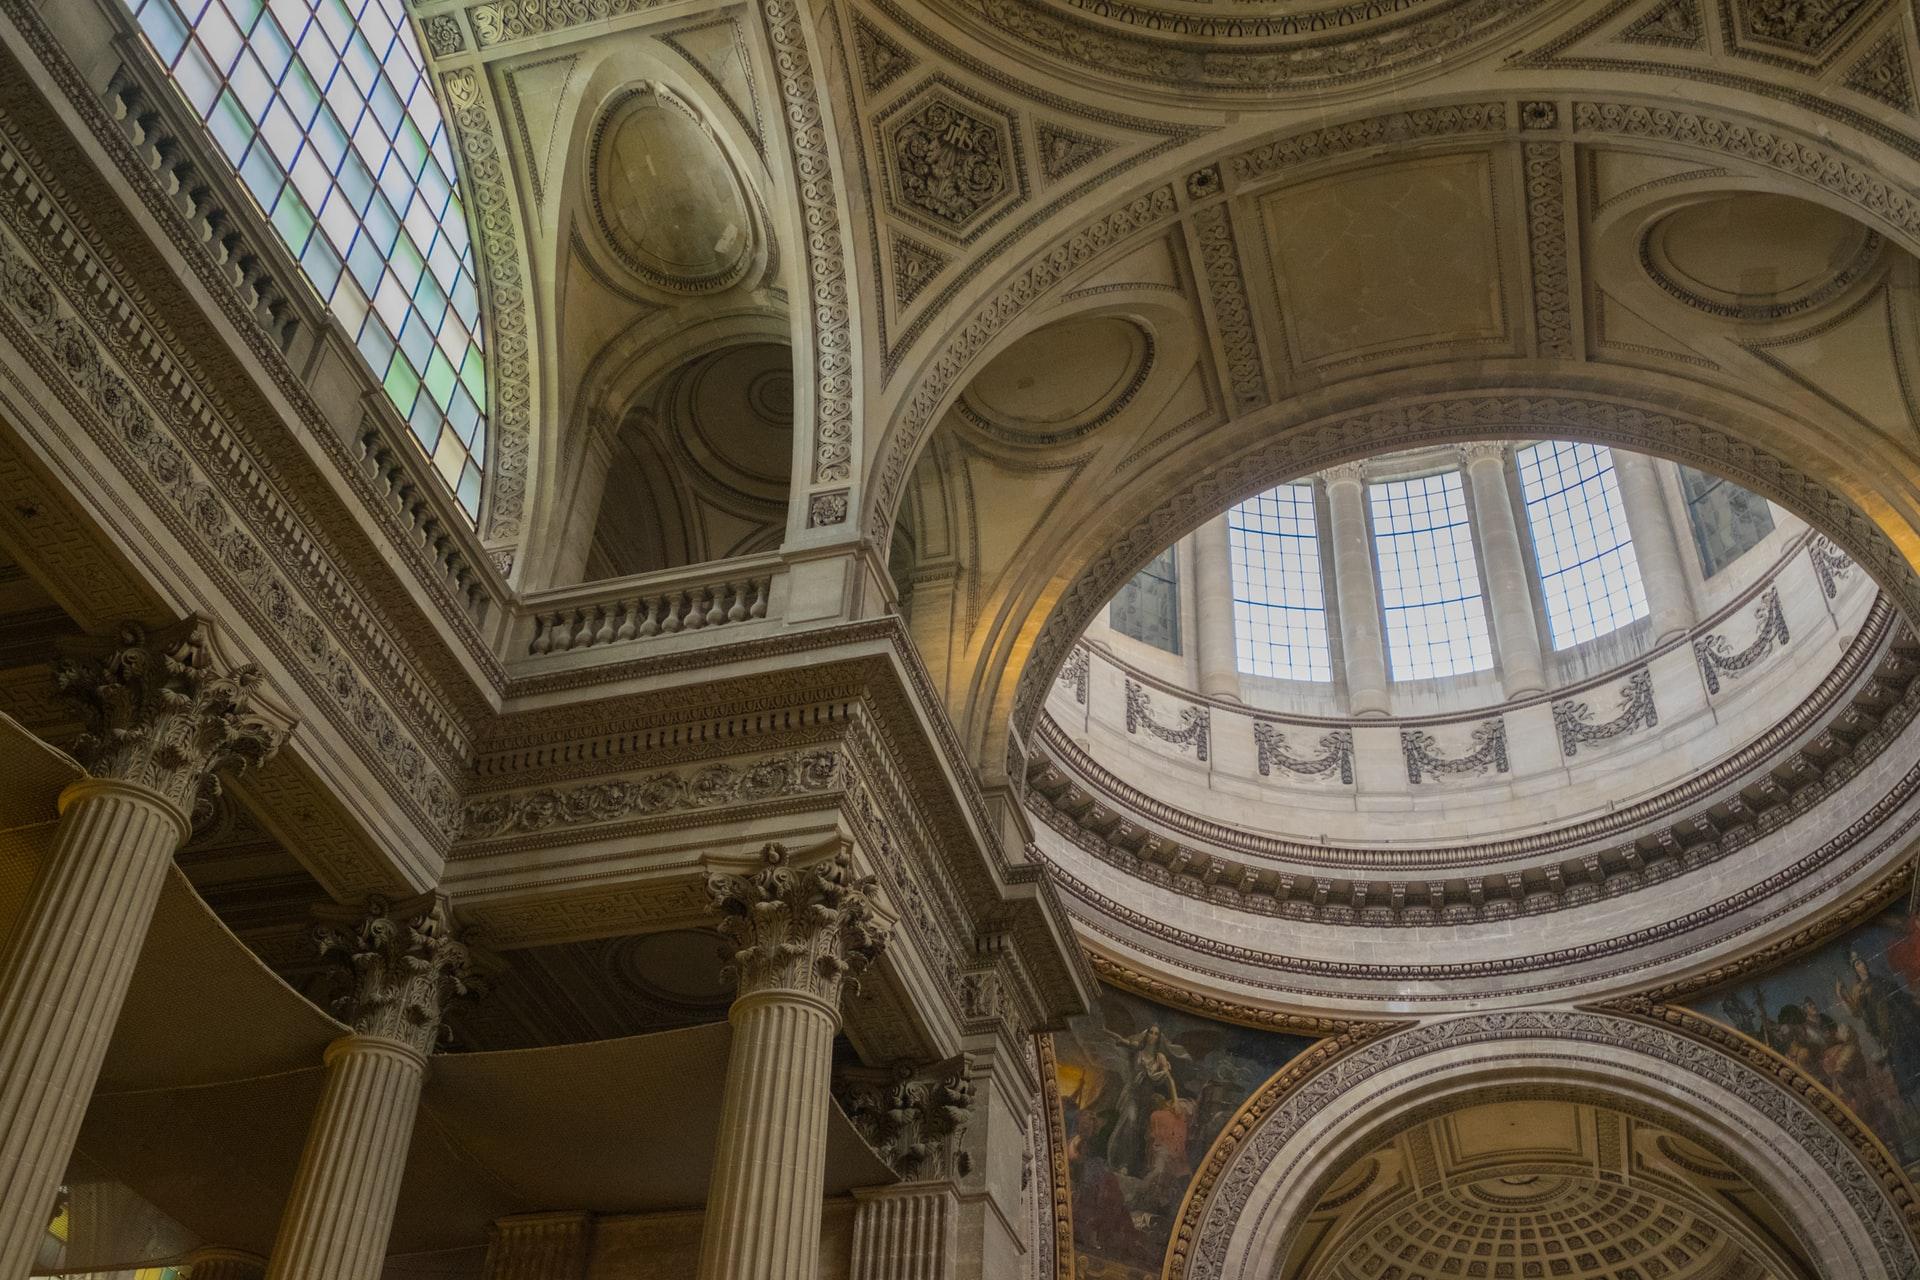 Interior of the Paris Pantheon